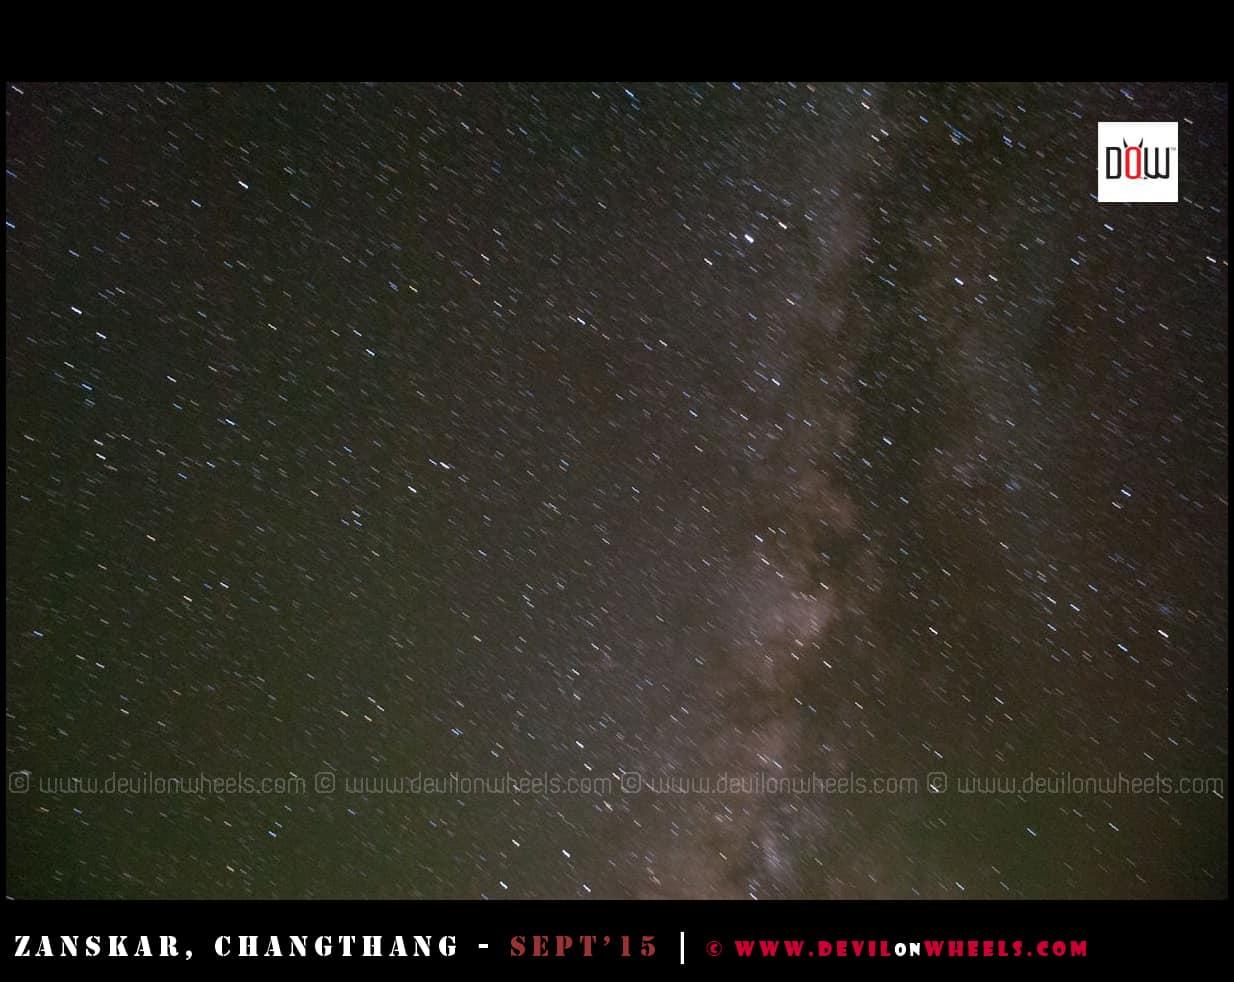 Milkyway as seen from Hanle